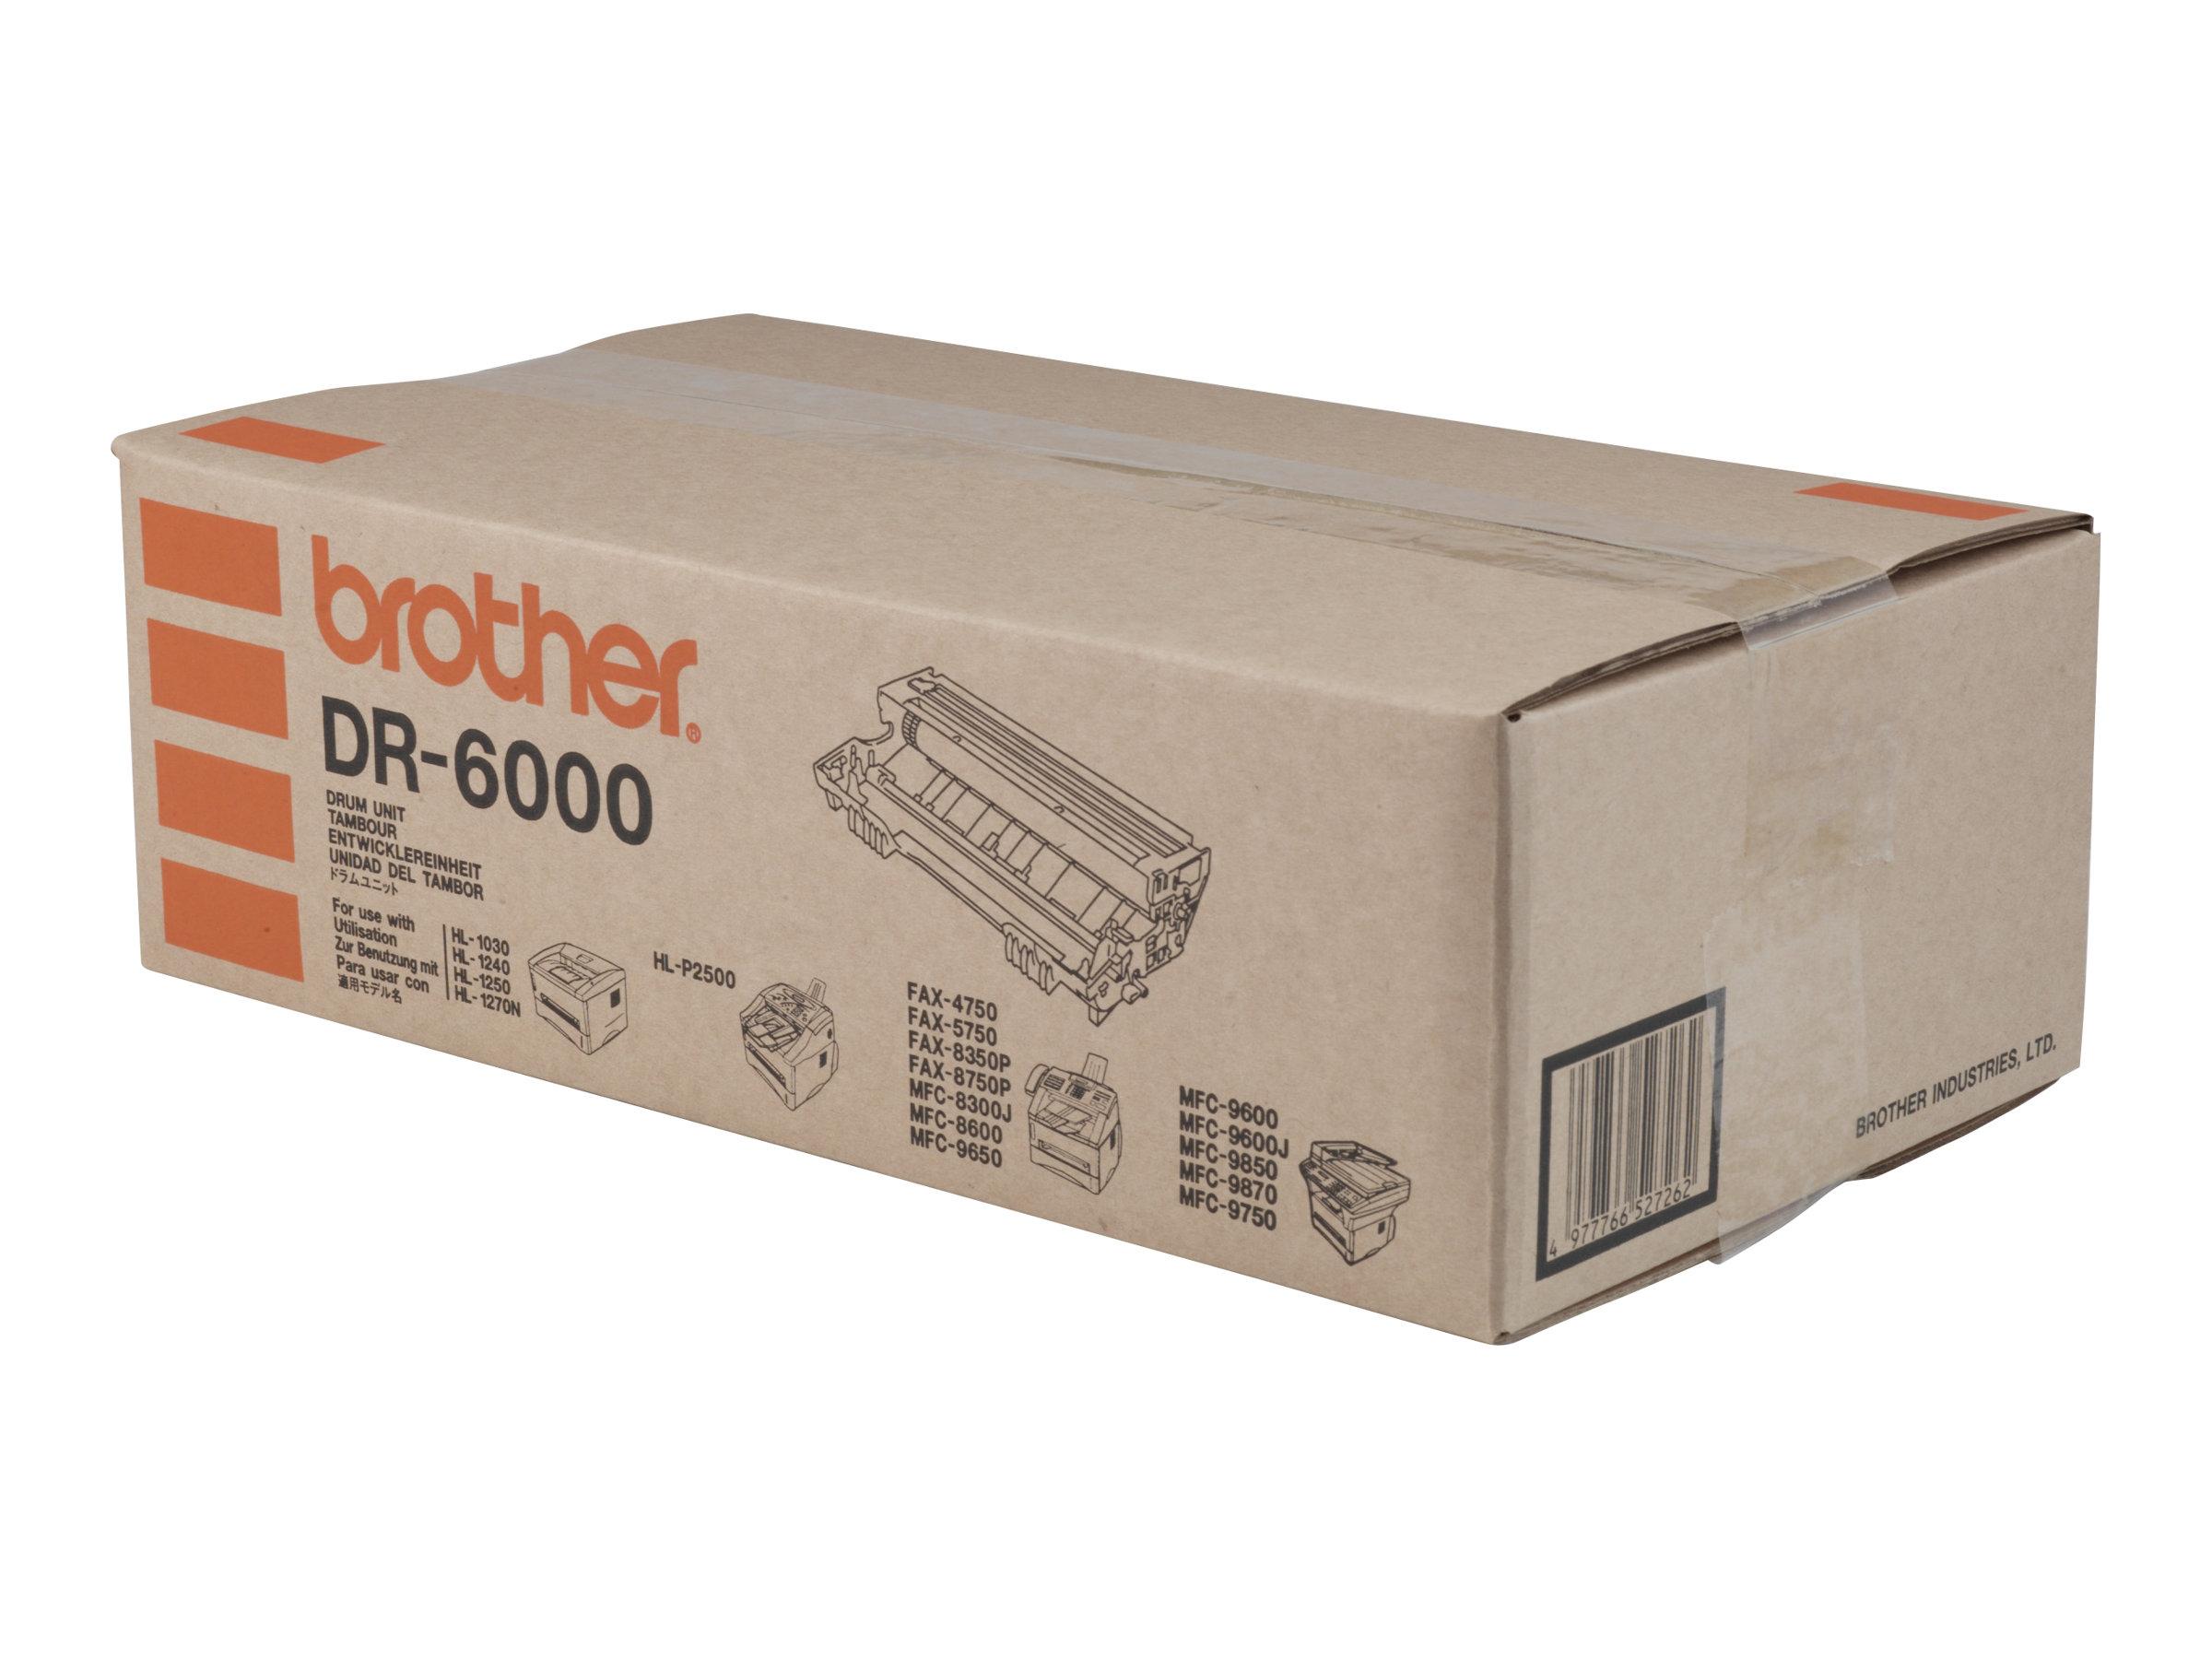 Brother DR6000 - Trommel-Kit - für Brother HL-1030, 1230, 1240, 1250, 1270, 1430, 1440, 1450, 1470, P2500, MFC-8300, 9600